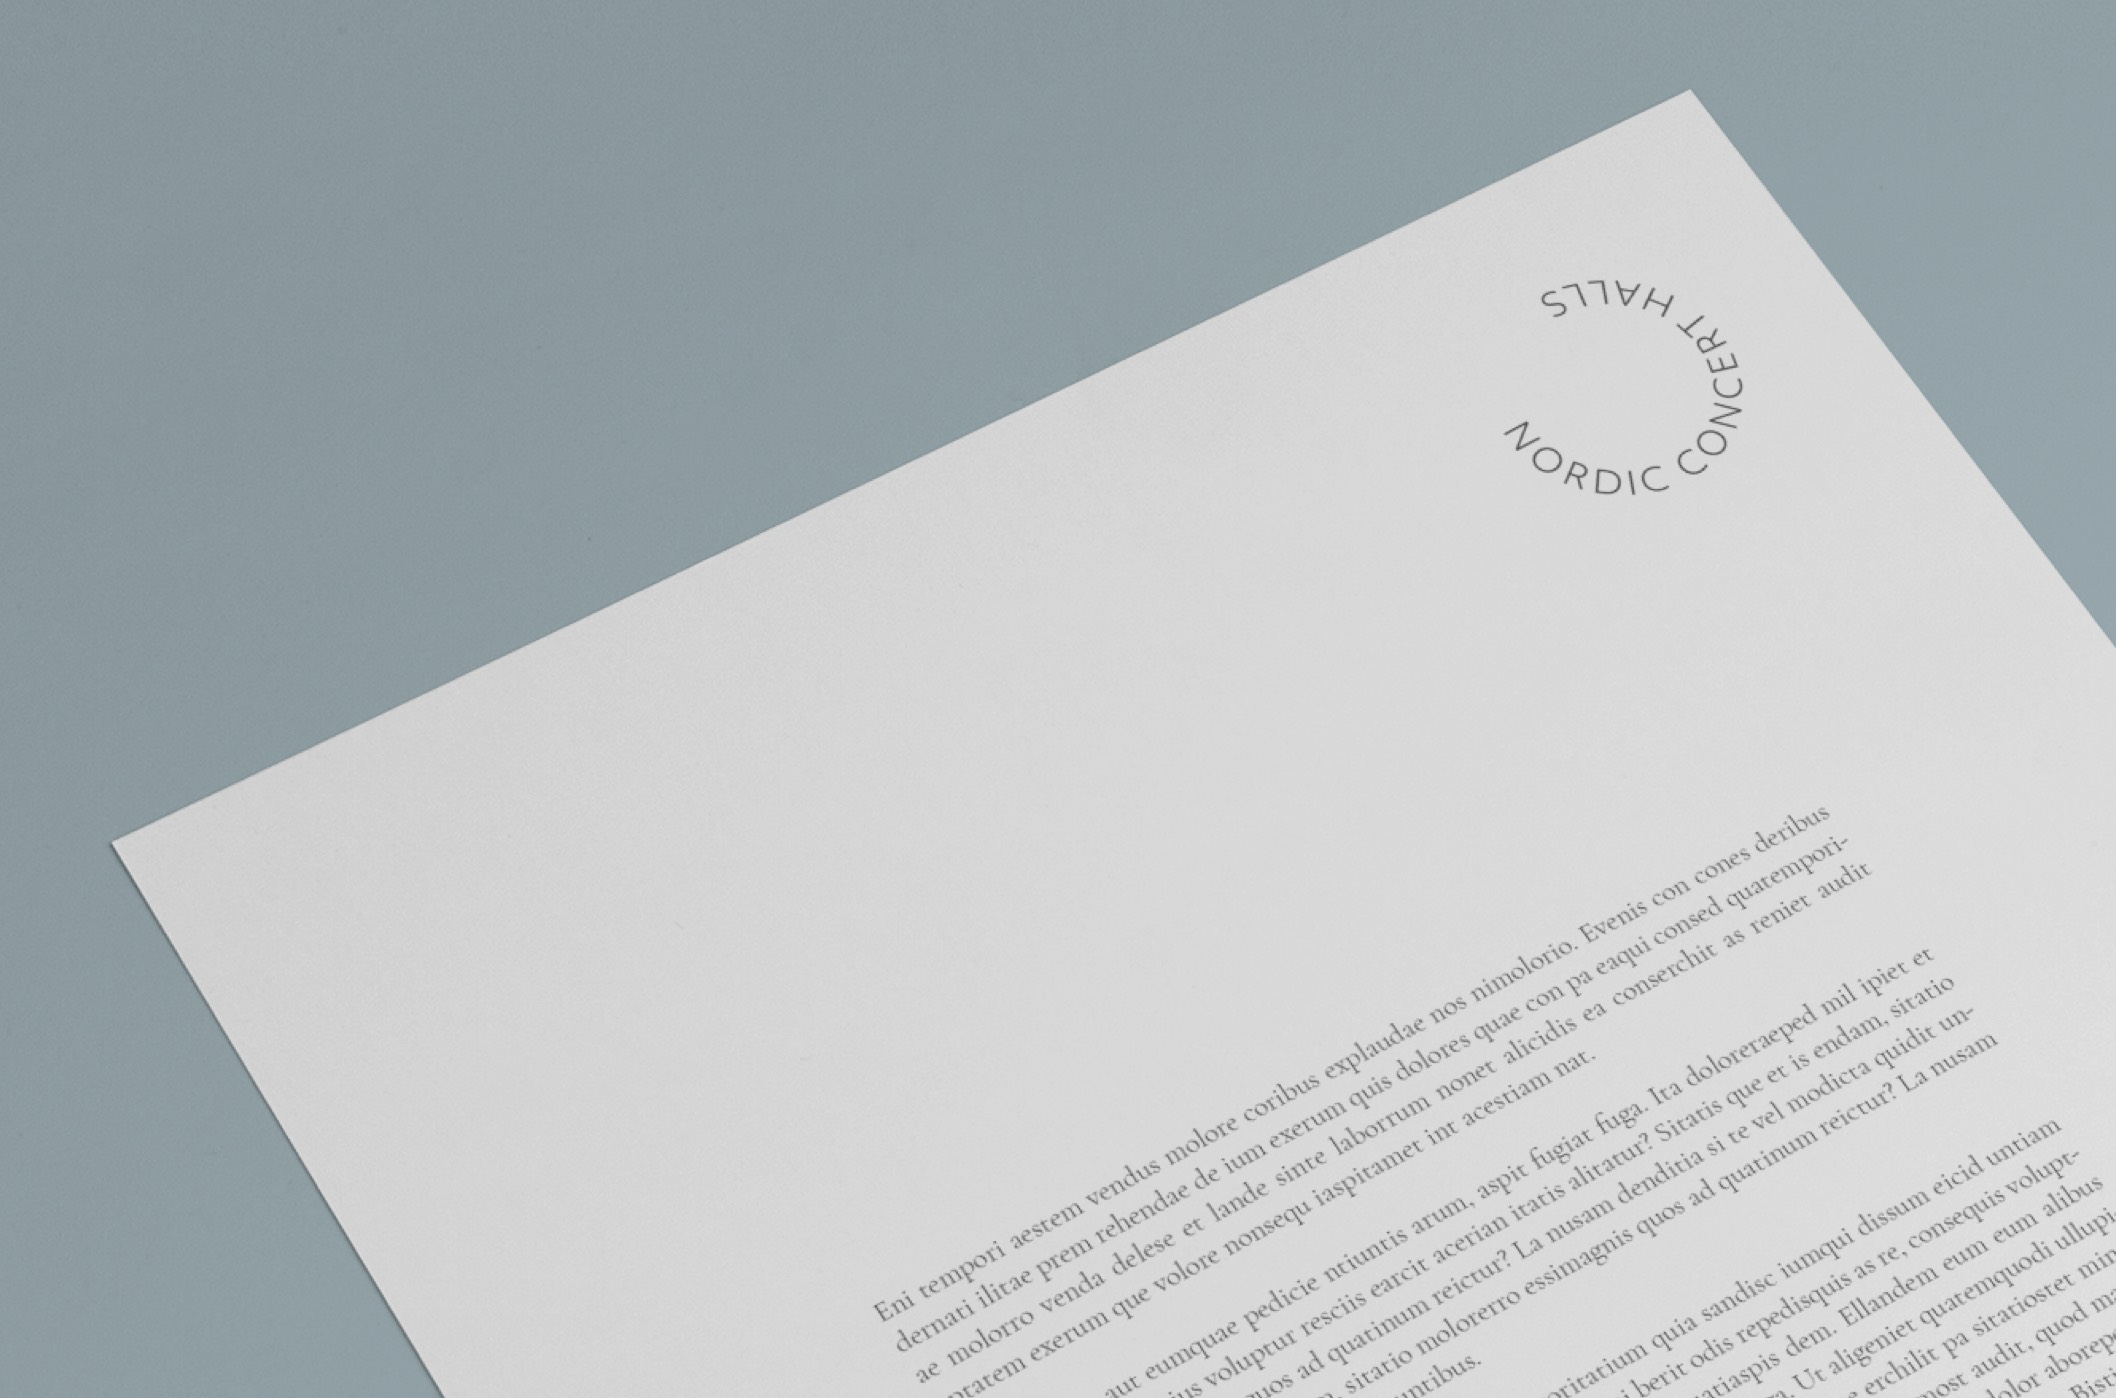 nordicconcerthalls_letter